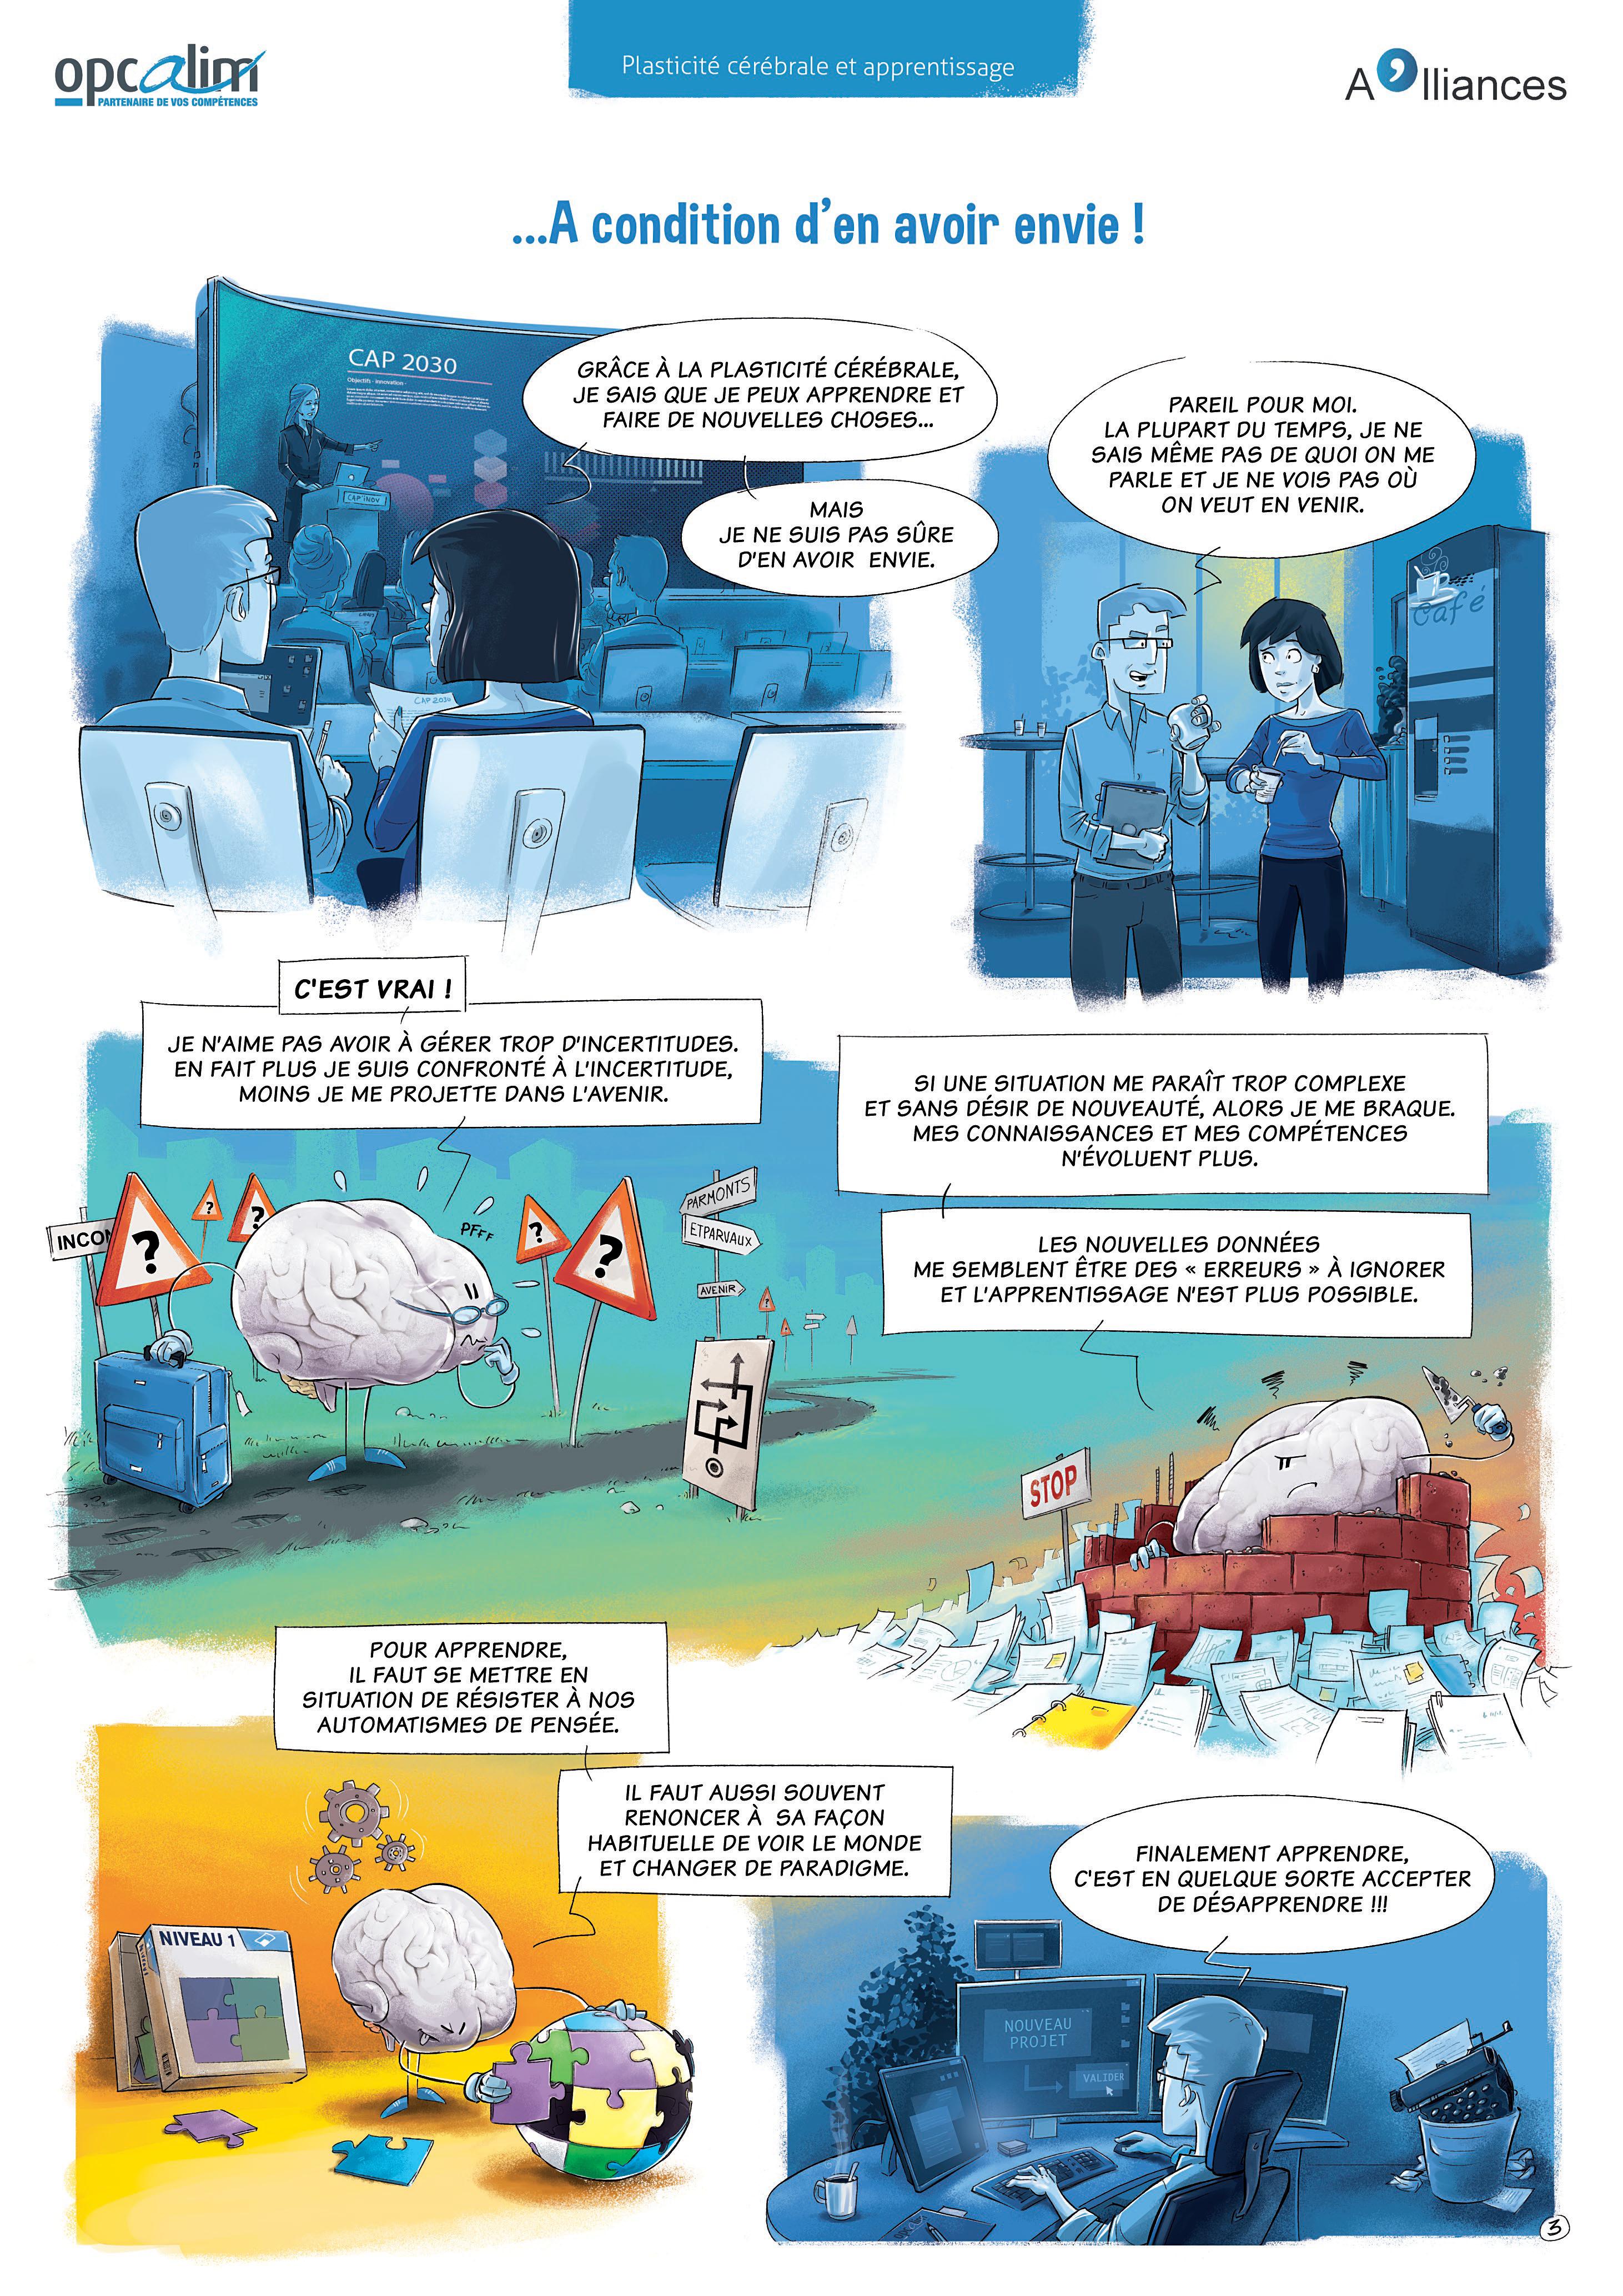 Plasticité cérébrale